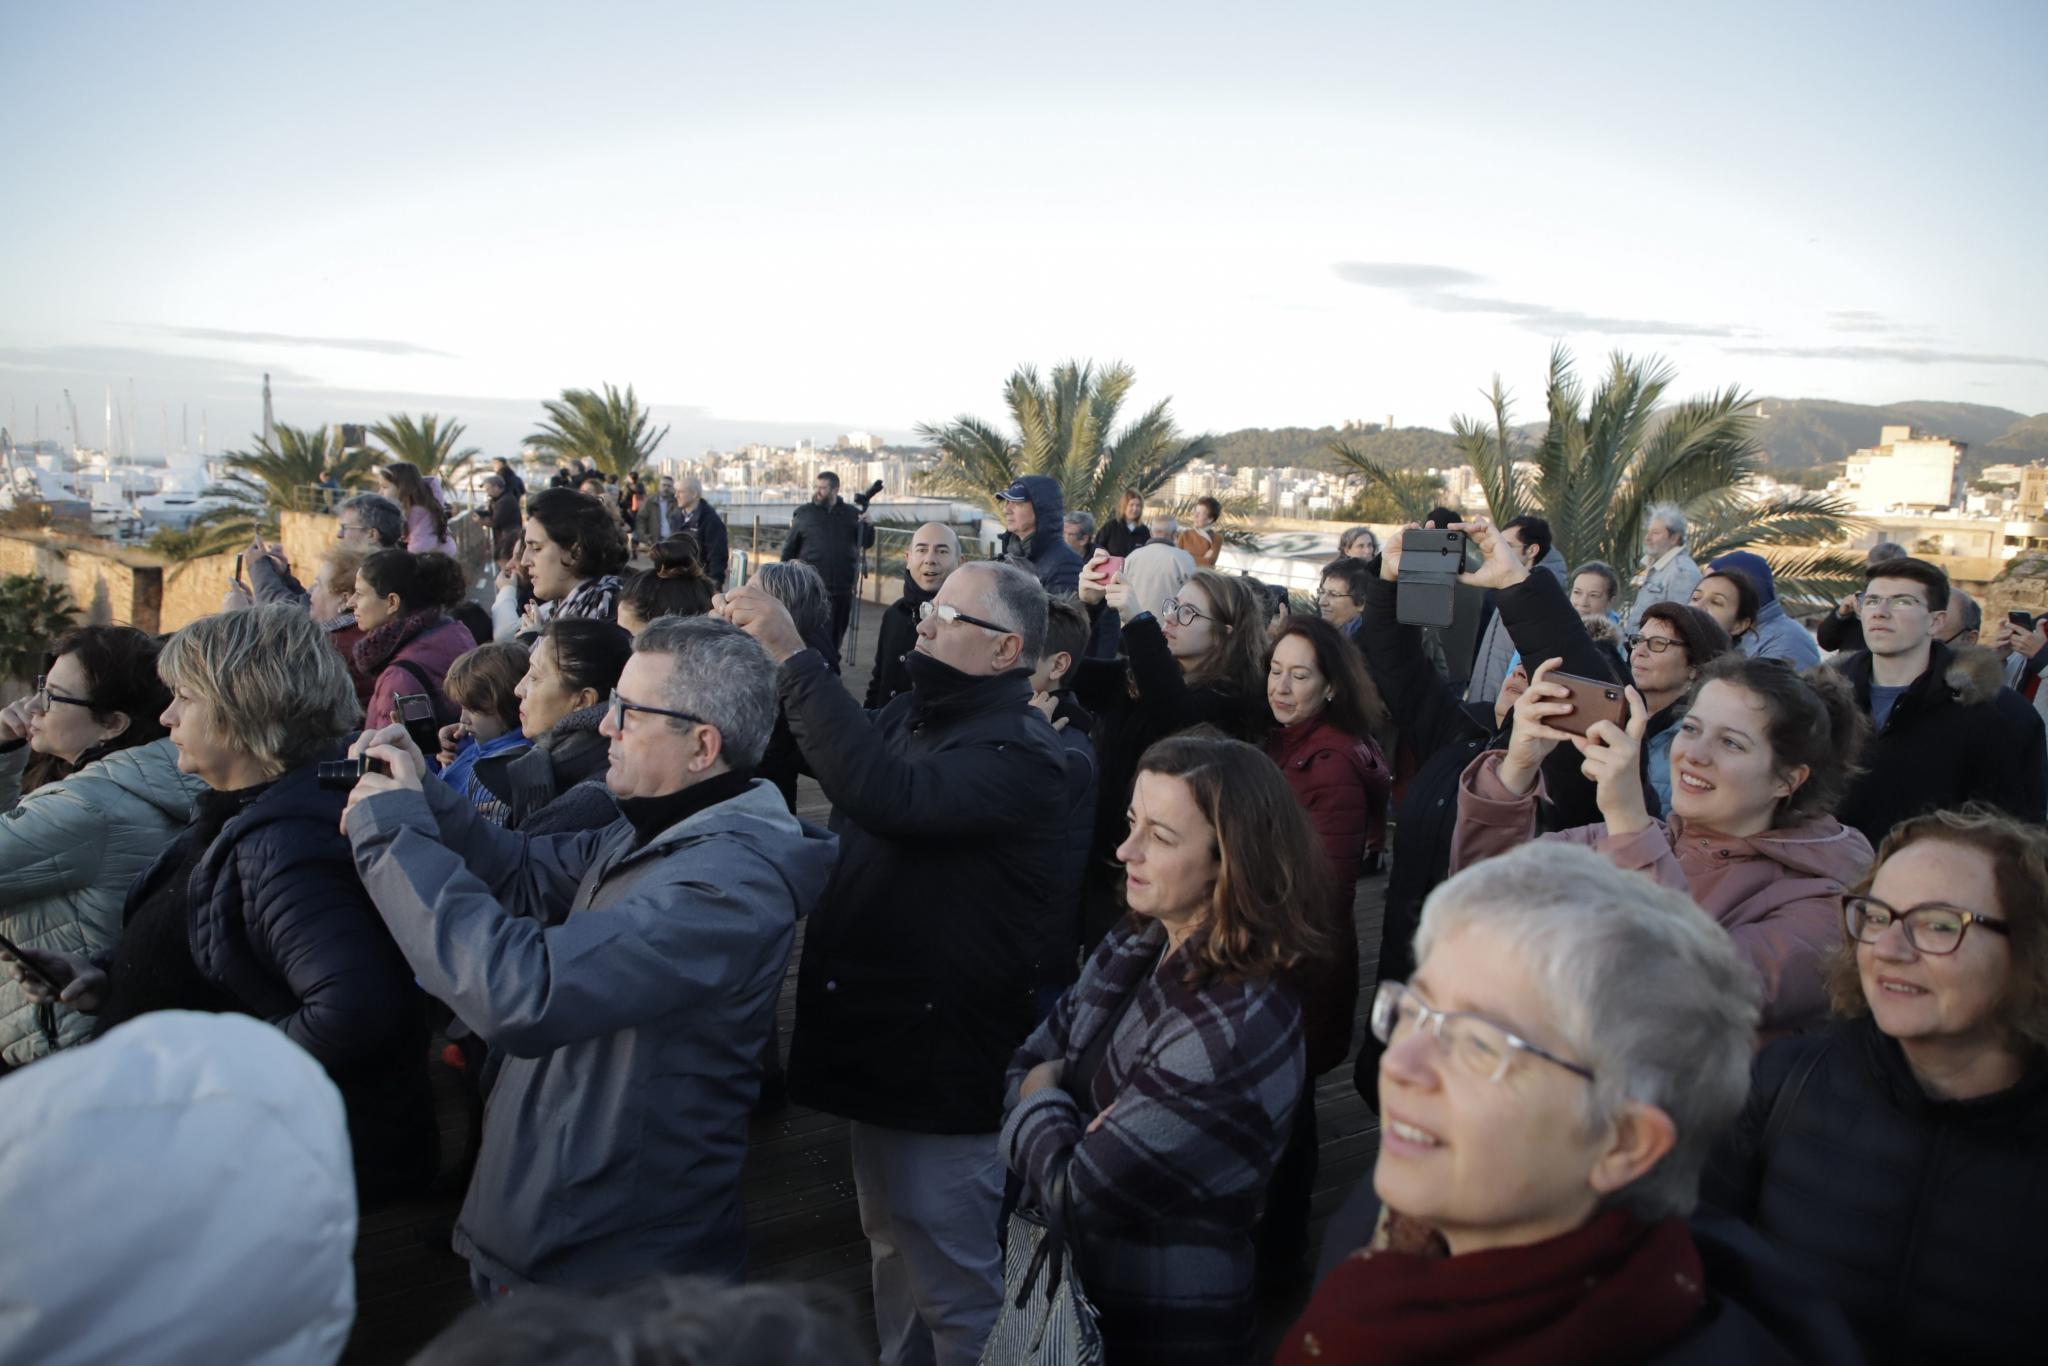 People waiting at Es Baluard